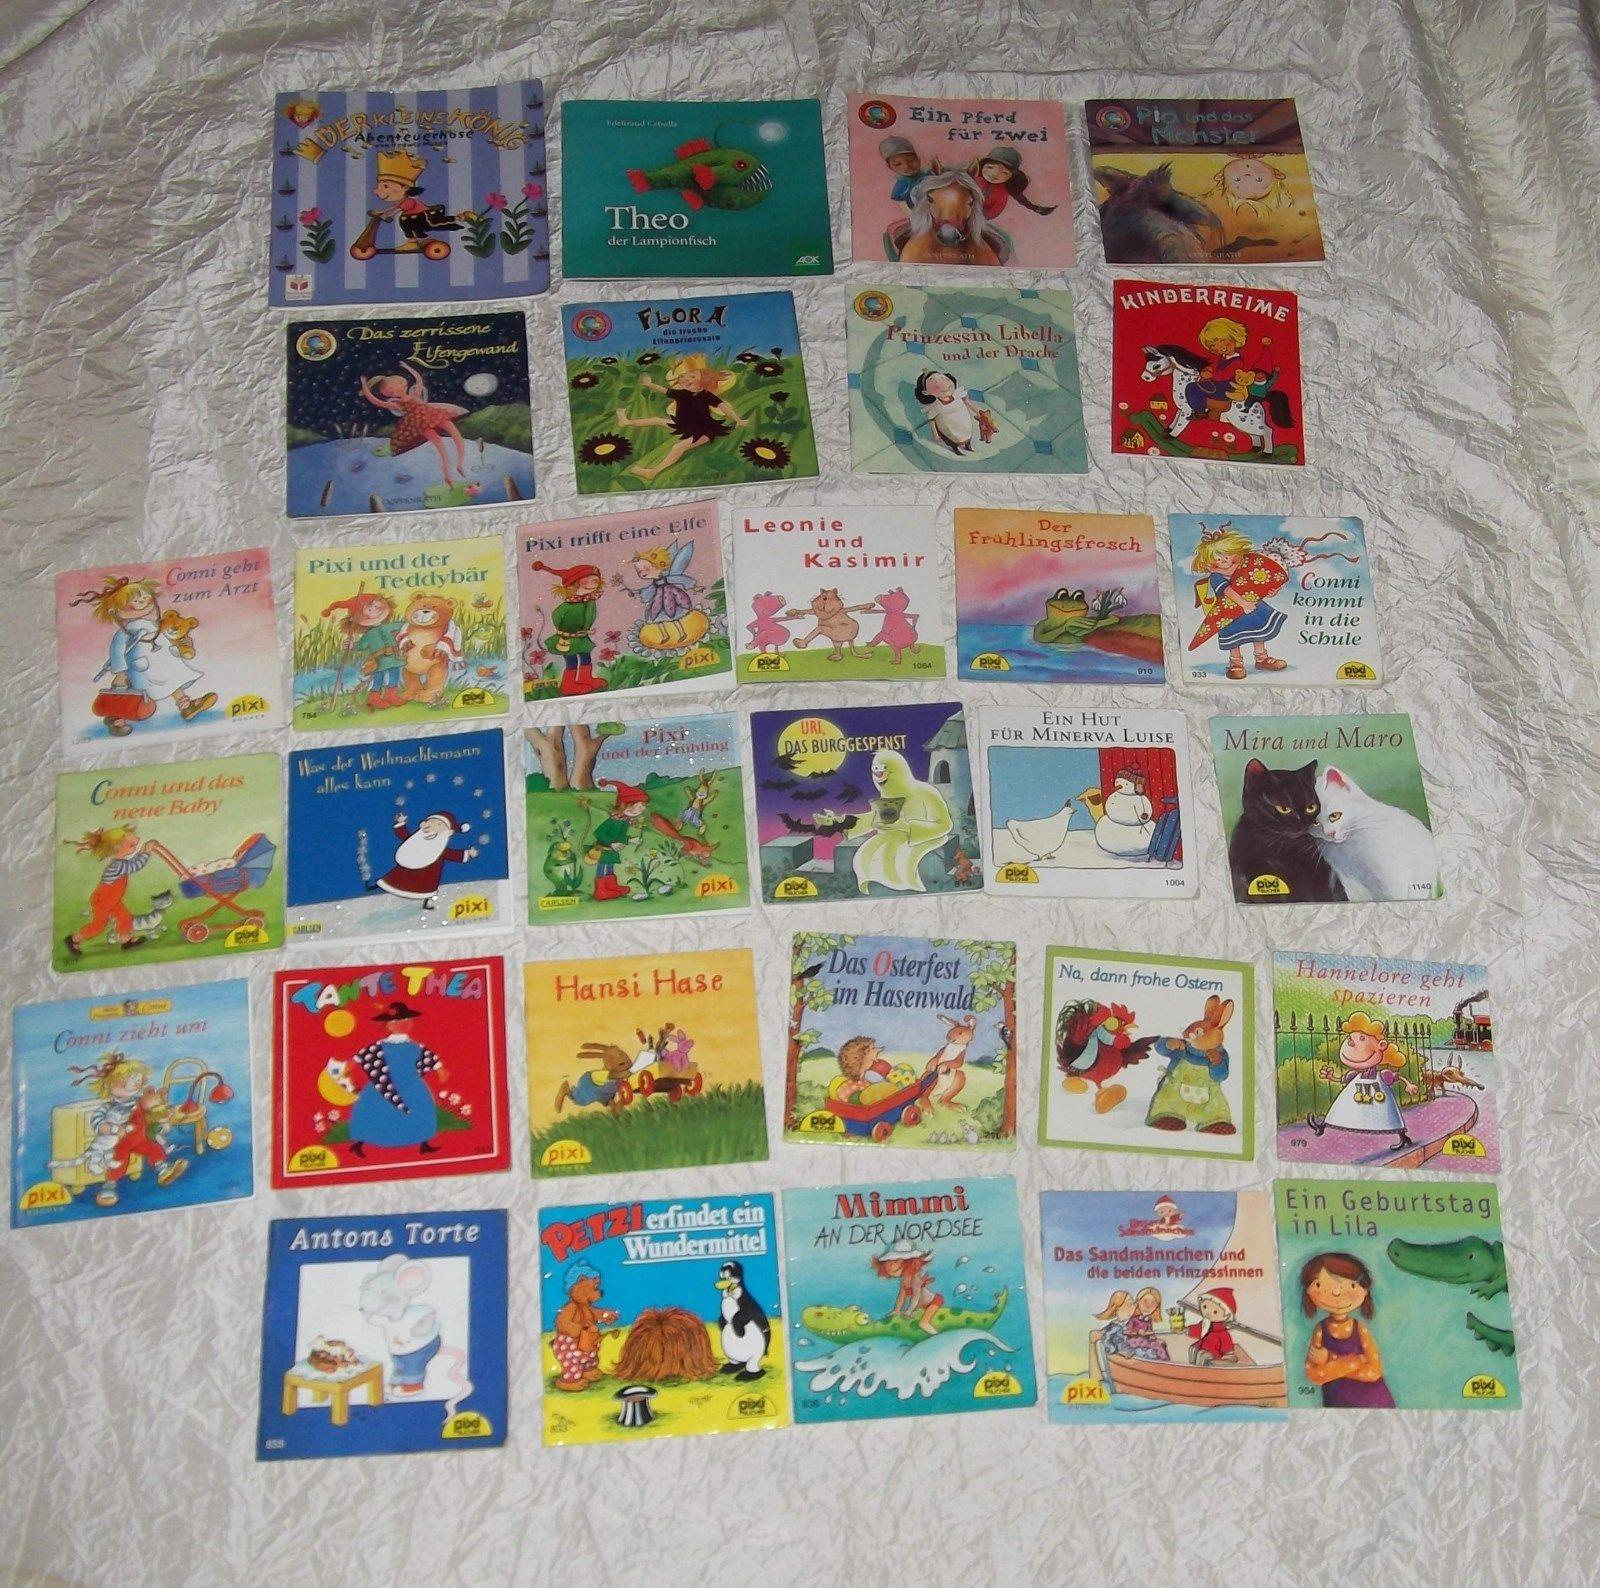 31 verschiedene Kinder Mini Bücher - Carlsen + Coppenrath + Pixi Sammlung